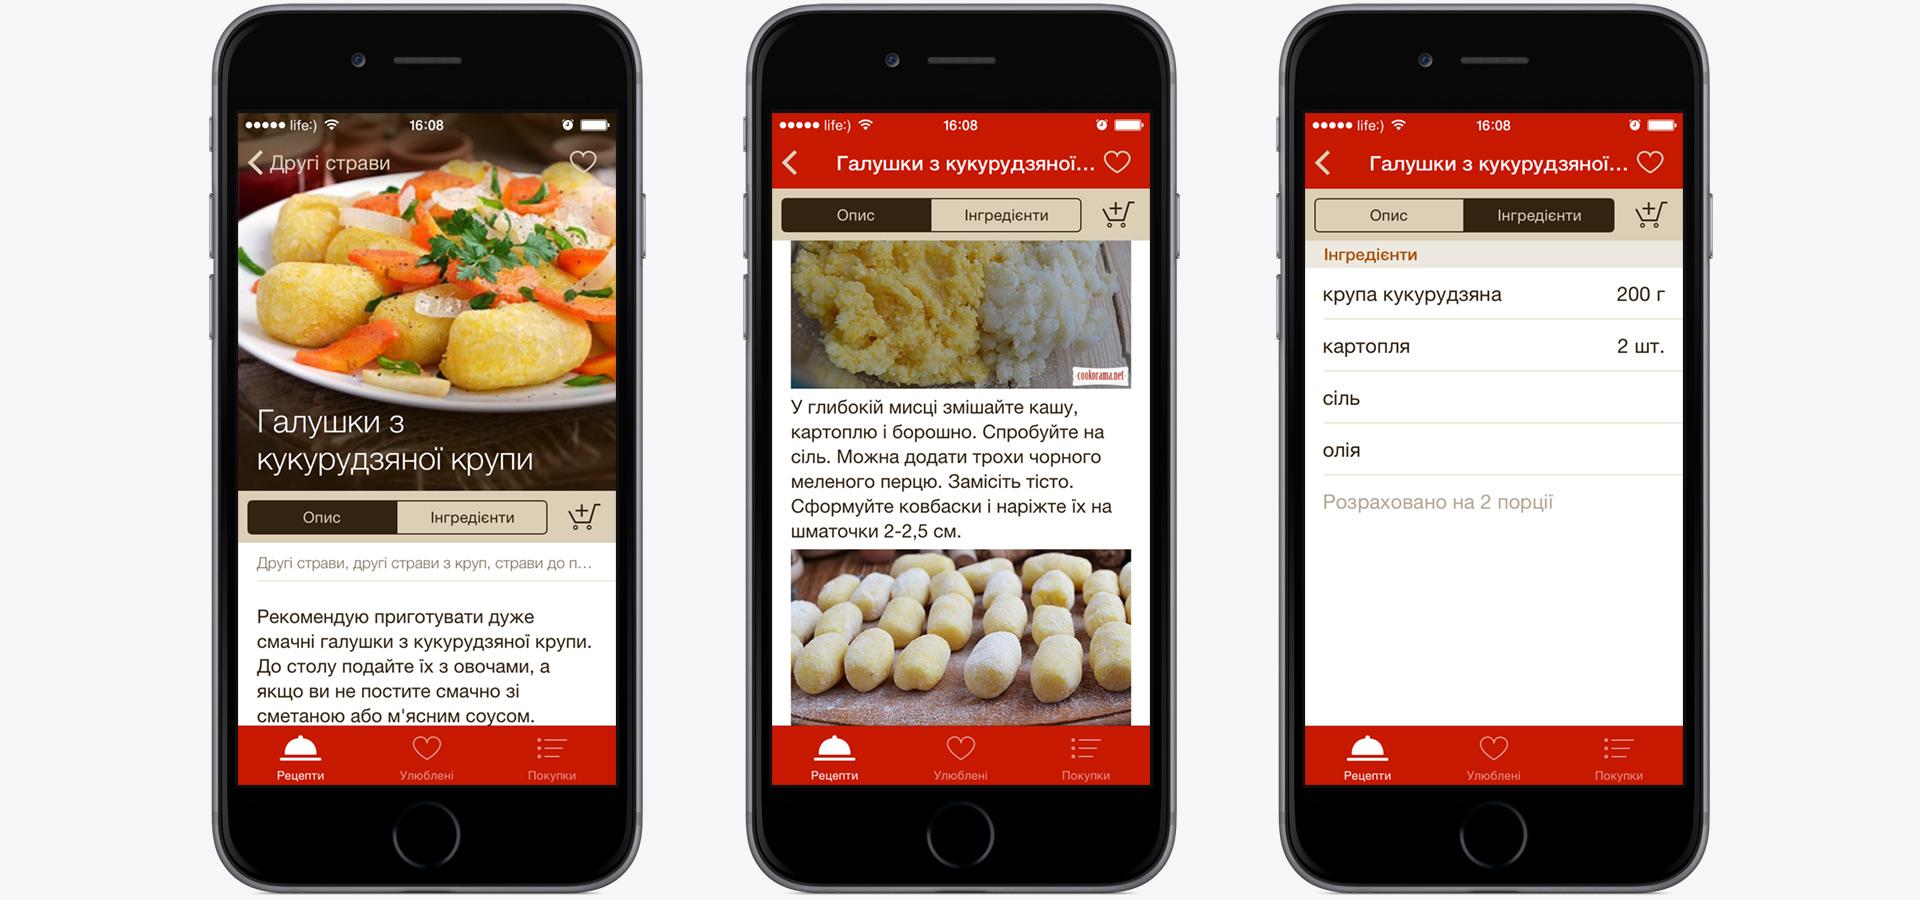 Screens in Cookorama cooking app